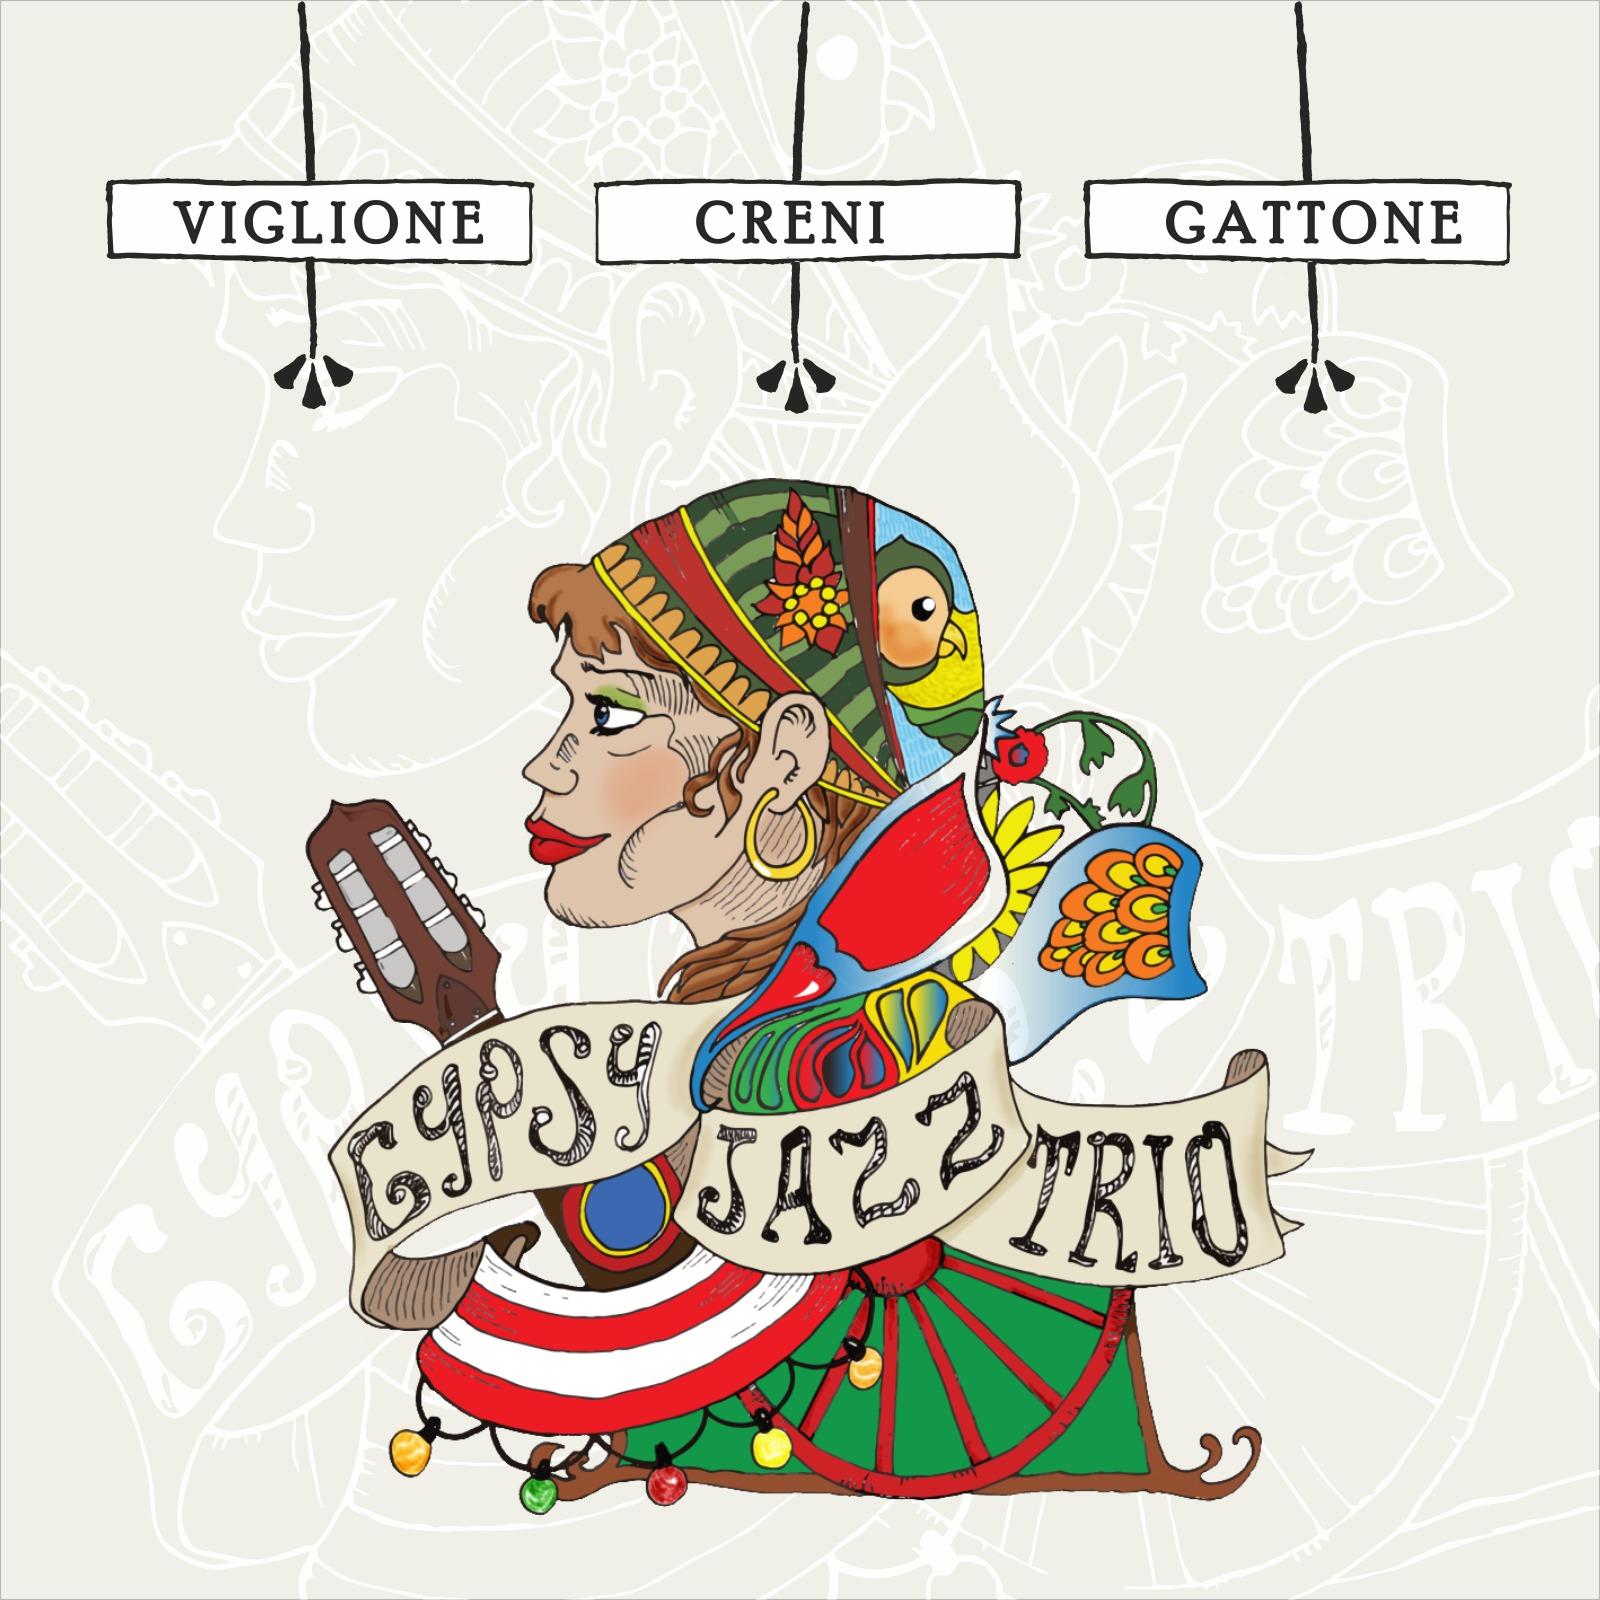 VIGLIONE/ CRENI / GATTONE - GYPSY JA